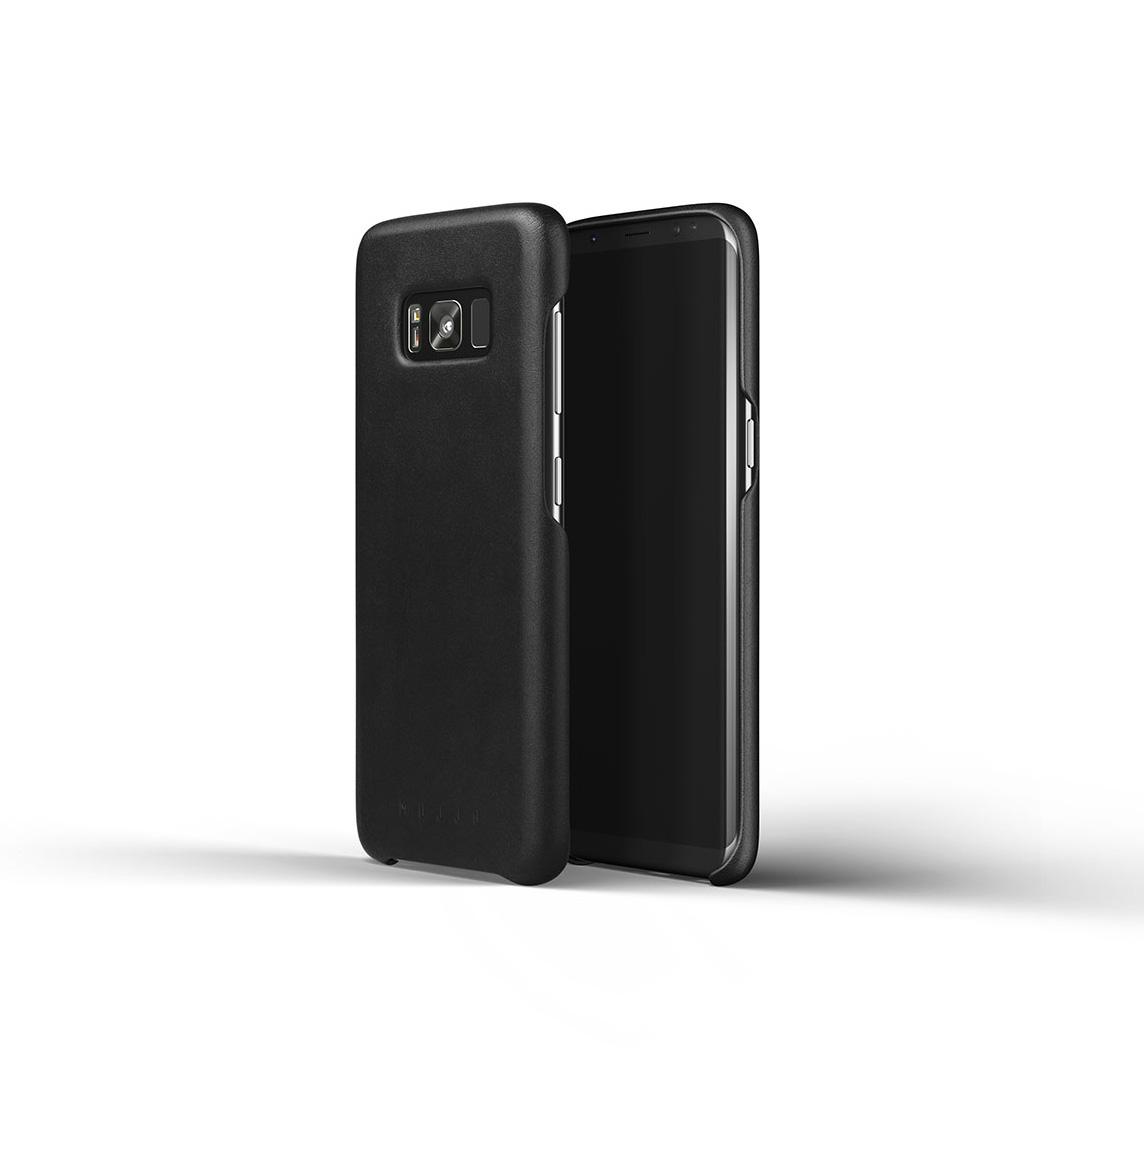 low priced 4f9a3 baa80 Details zu Mujjo Leather Case Leder Hülle Cover Etui in Schwarz für Samsung  Galaxy S8 Plus